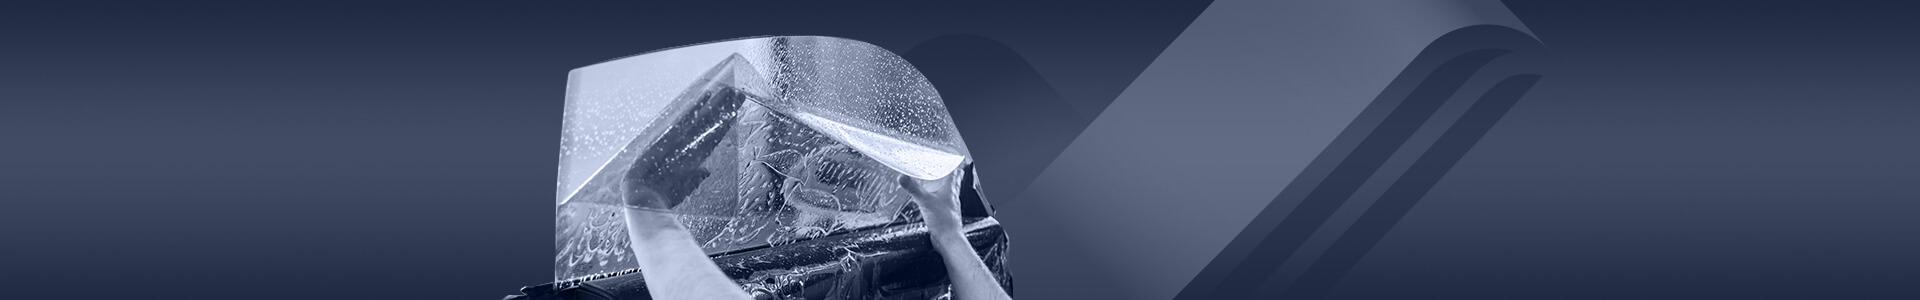 Jeatson protège vos vitres des rayons UV